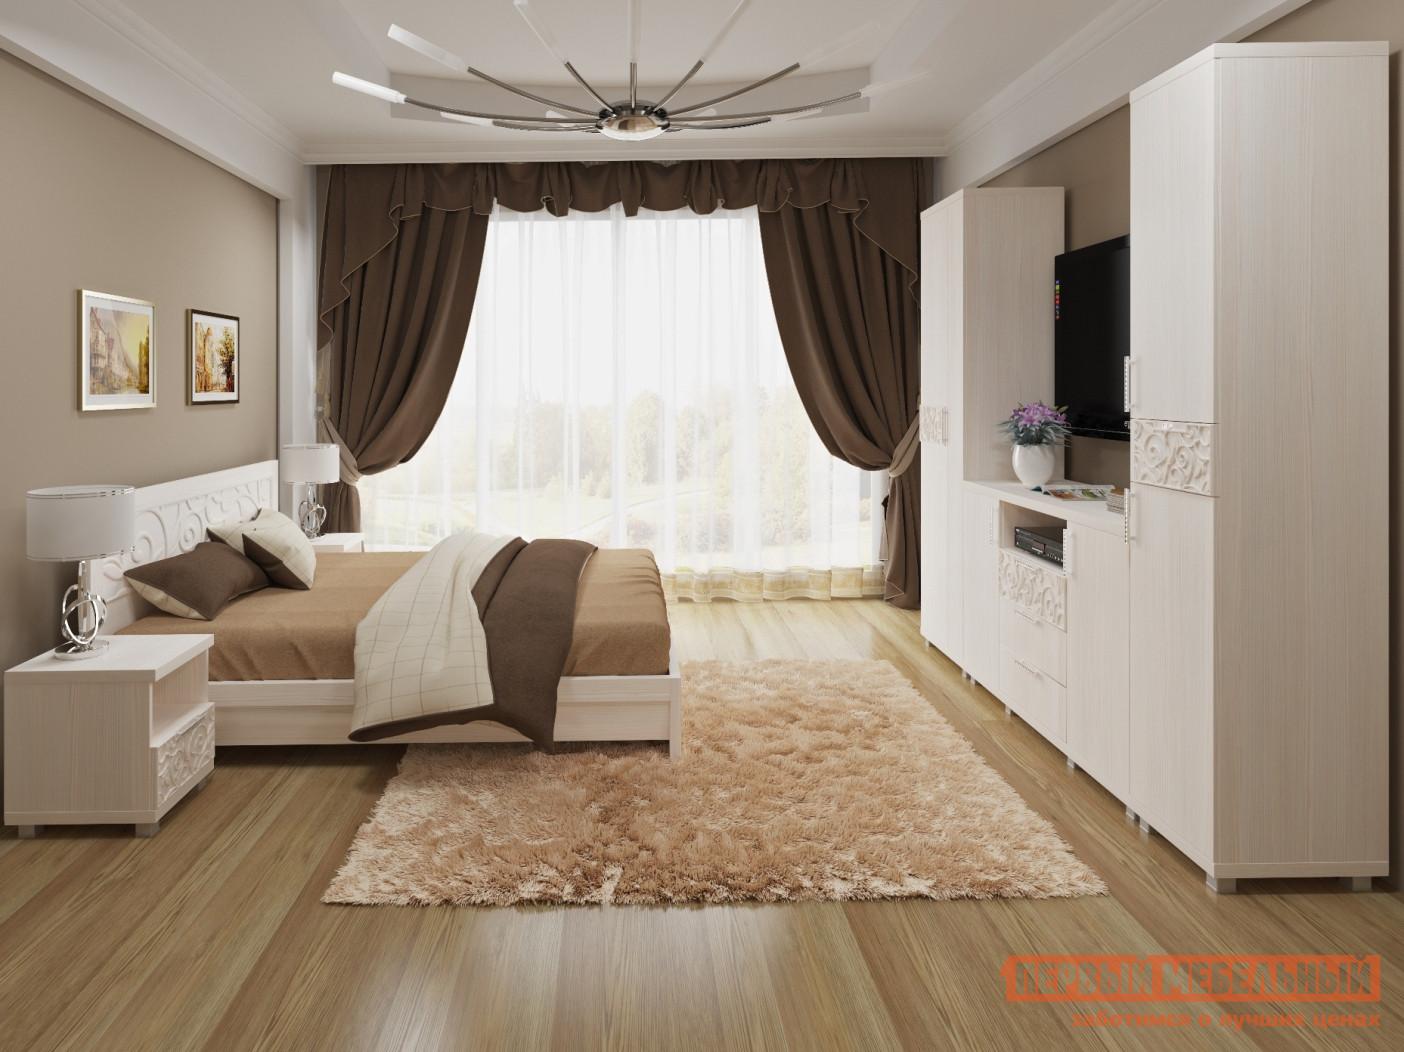 Комплект мебели для спальни ТД Арника Ирис К3 комплект детской мебели тд арника робинзон к1